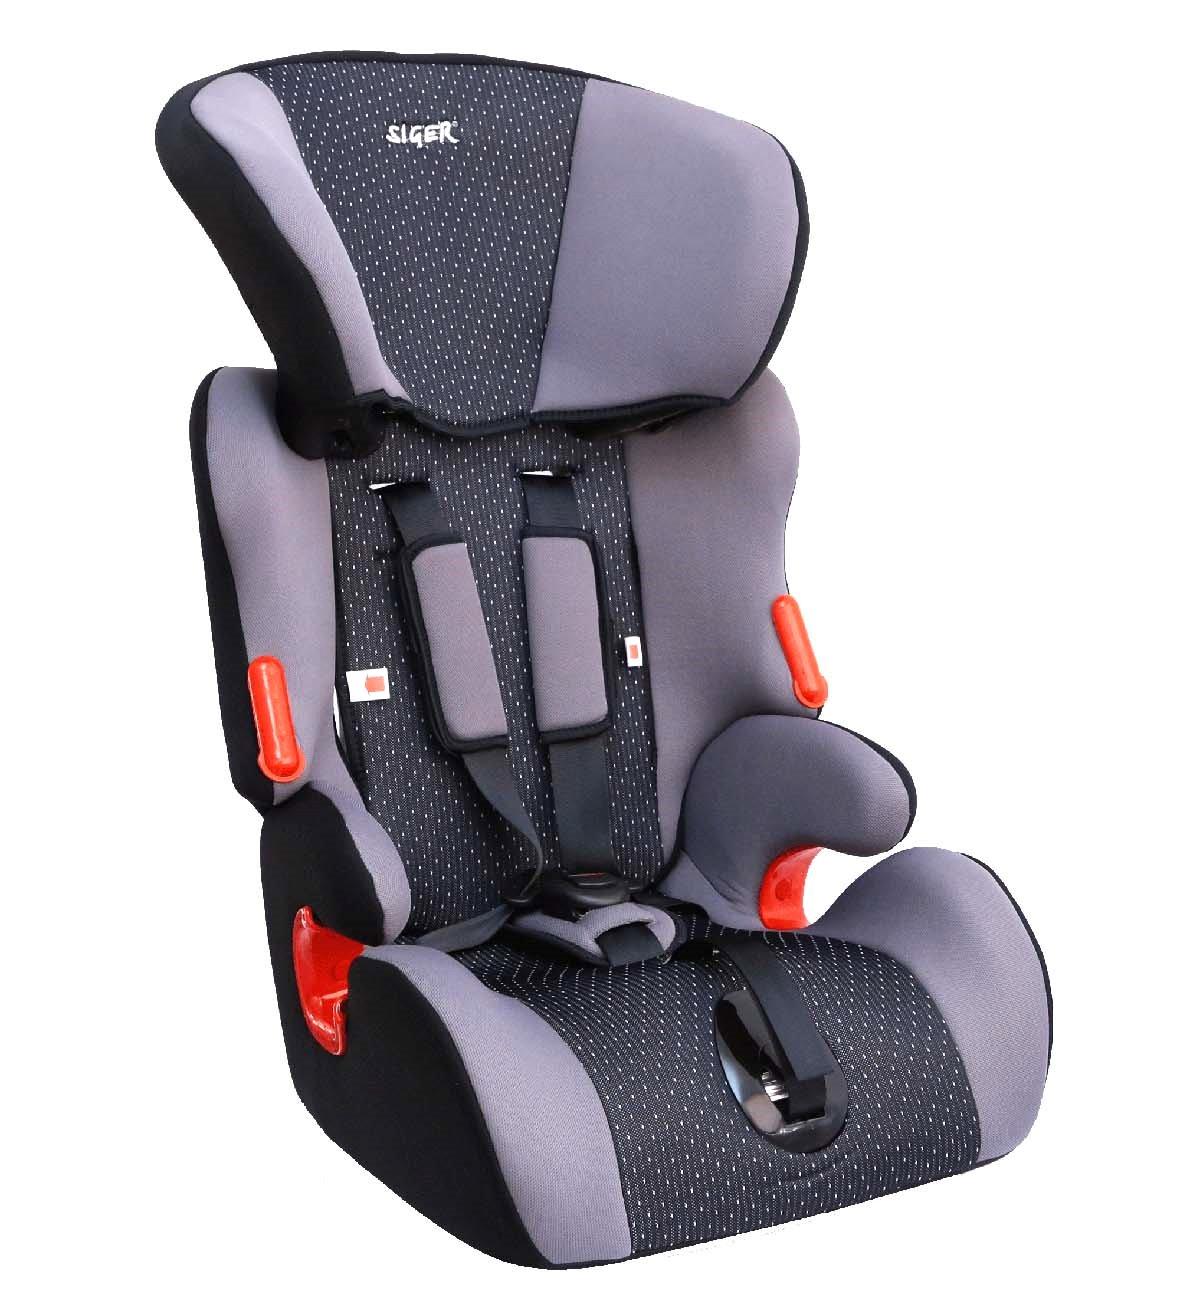 Детское автомобильное кресло SigerДетские автокресла<br>Группа: 1/2/3 (9-36 кг), Способ установки: лицом вперед, Регулировка наклона спинки: есть, Регулировка высоты подголовника: есть, Регулировка внутренних ремней: есть<br>